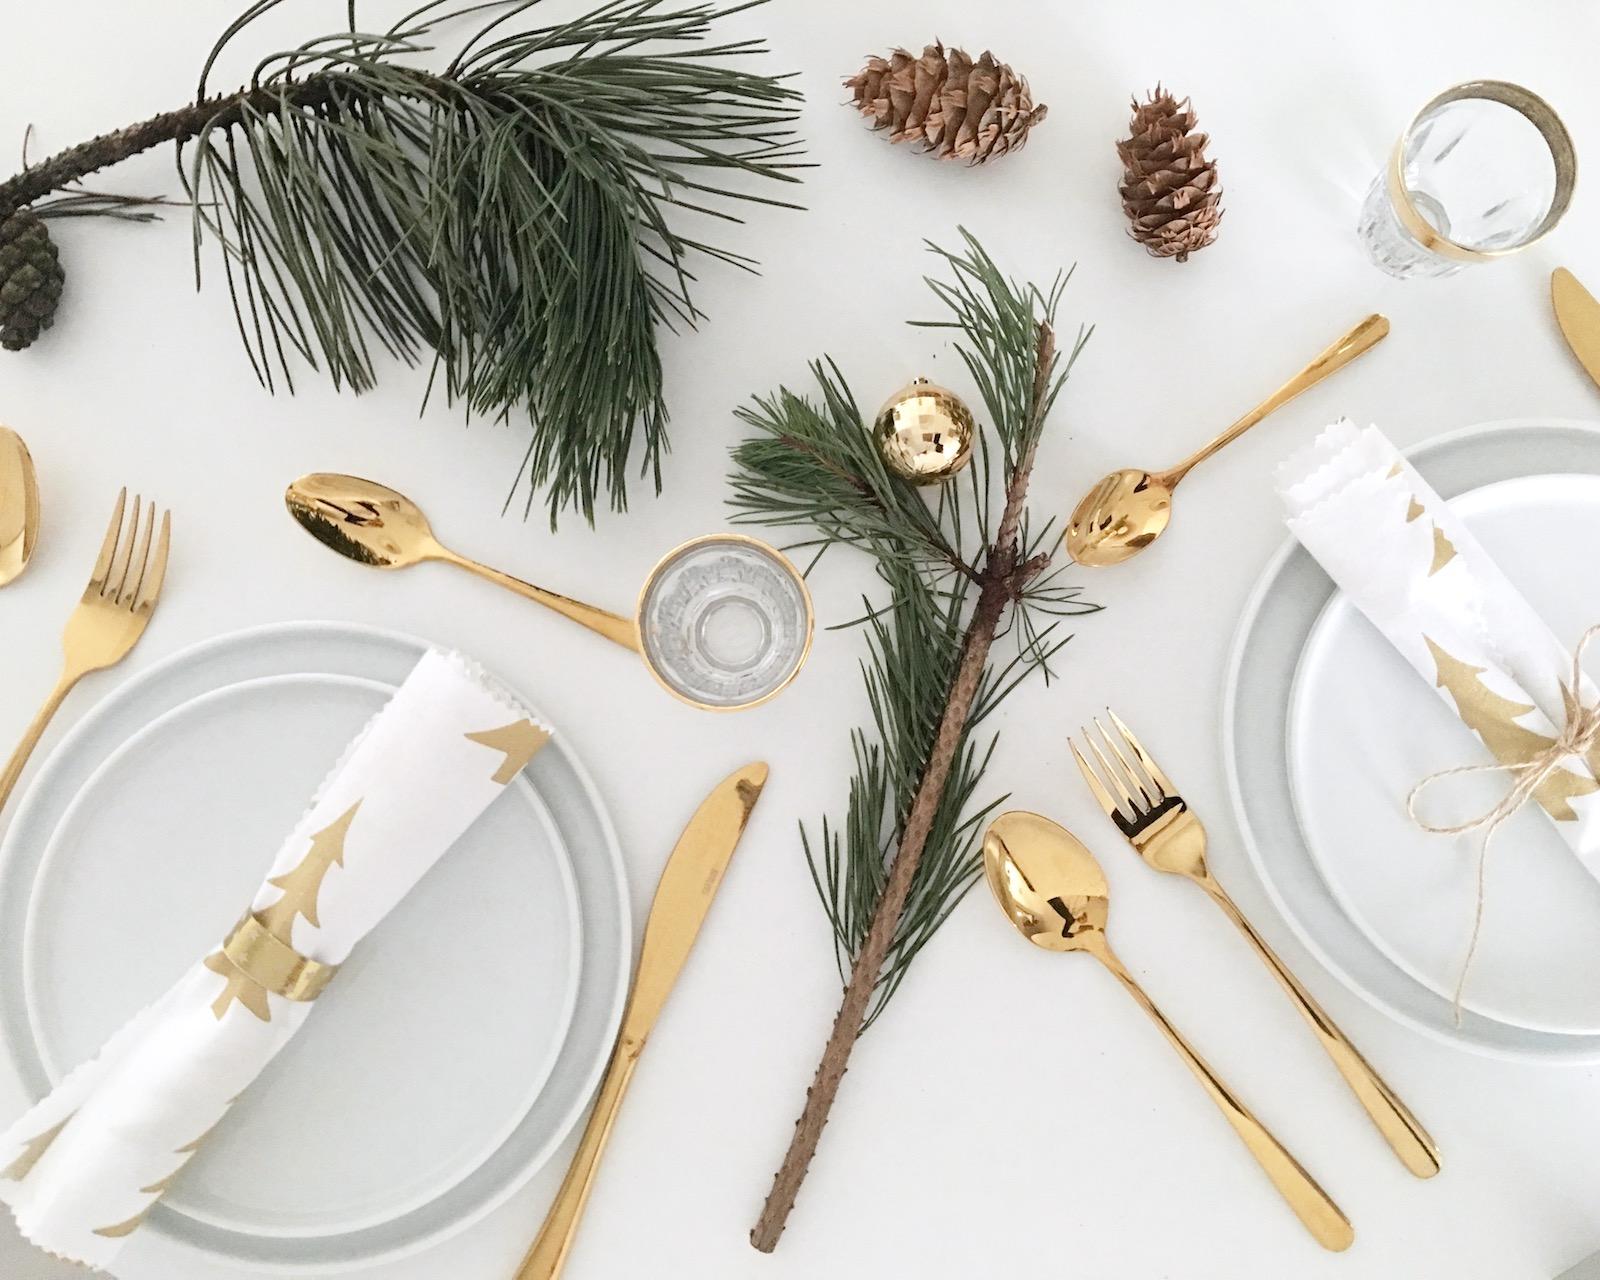 weihnachtliche tisch deko mit diy servietten und diy serviettenringen in gold sophiagaleria. Black Bedroom Furniture Sets. Home Design Ideas